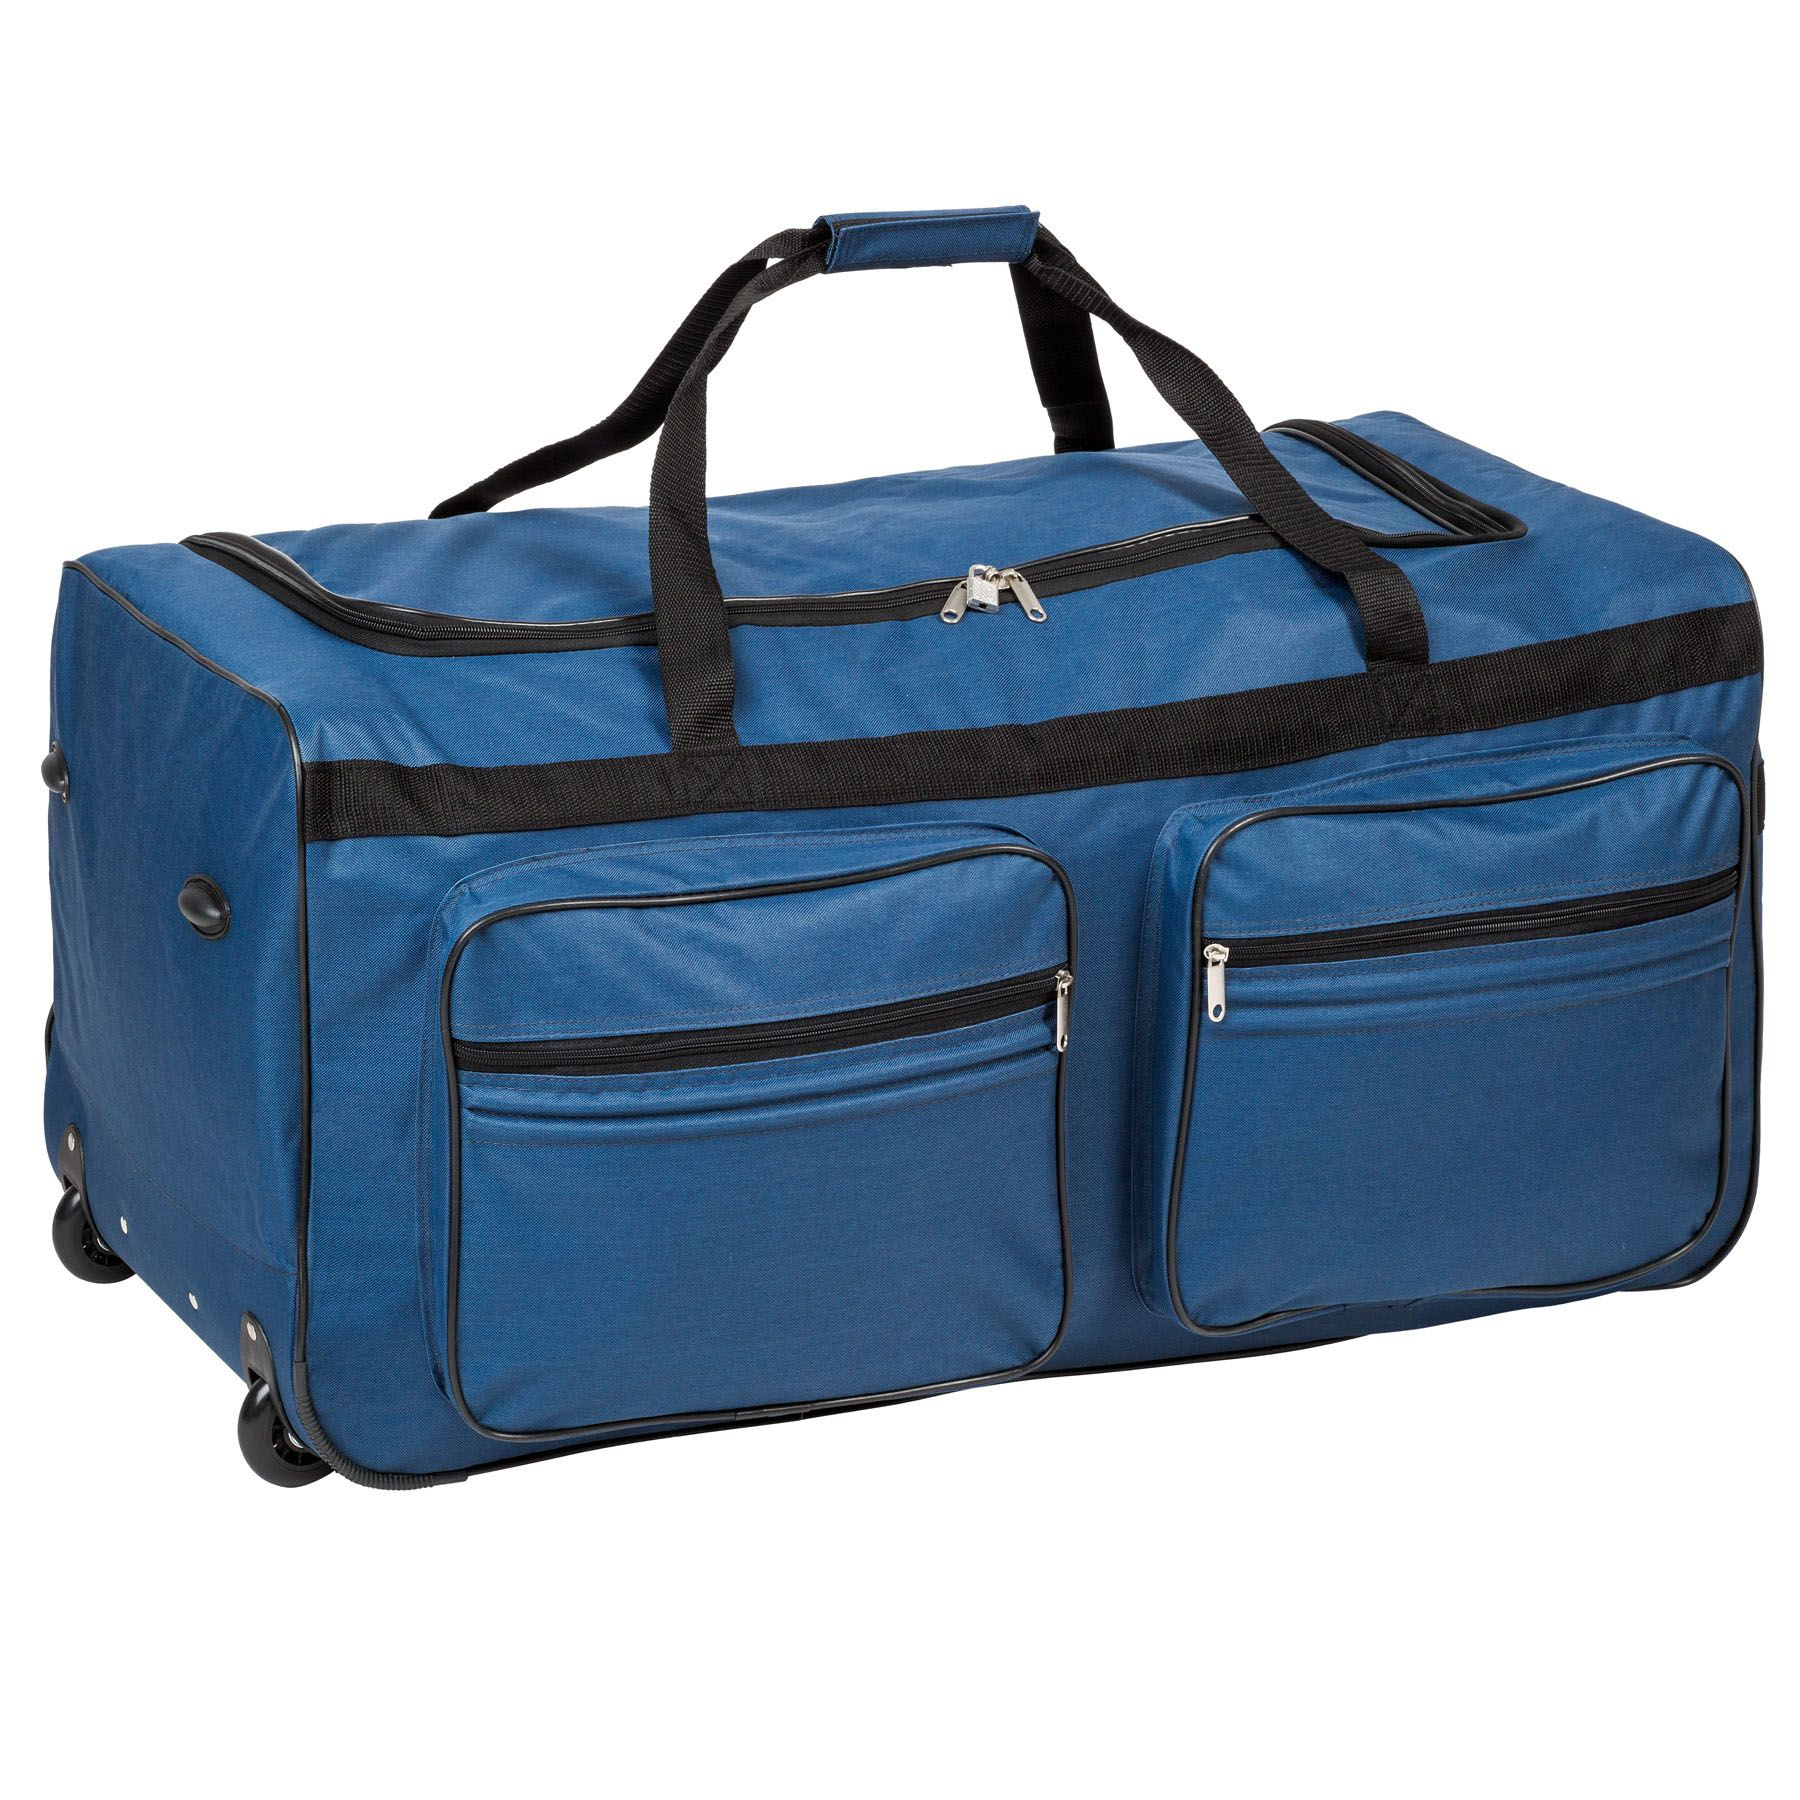 402215_1 Sac de voyage XXL valise trolley légère sport bagage à roulettes 160 litres